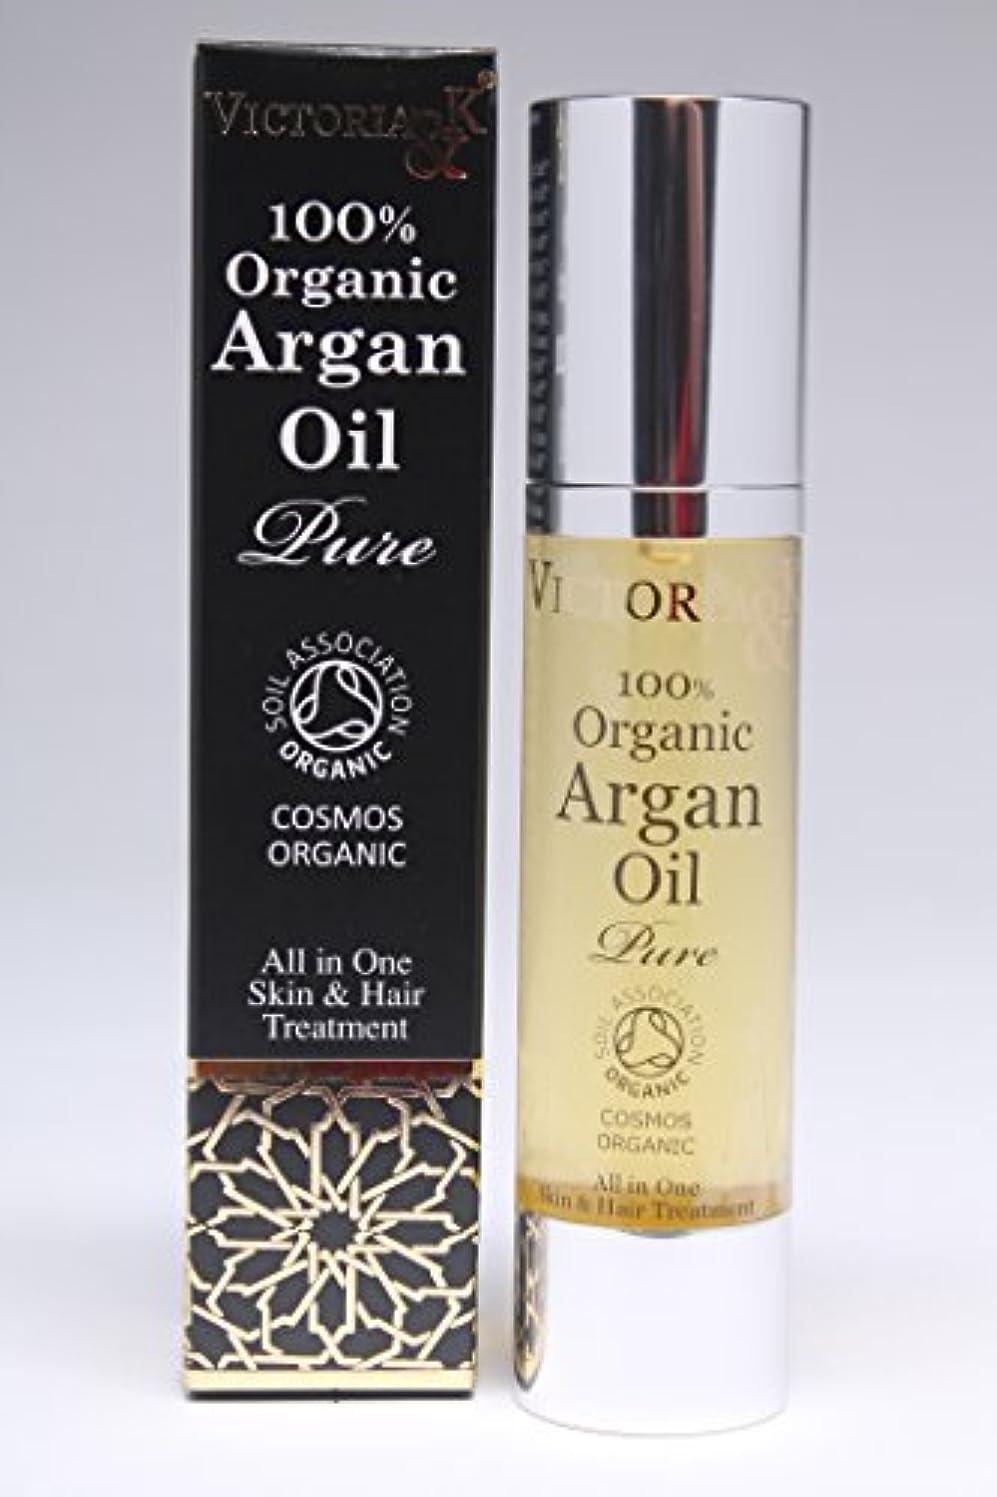 ヴィクトリア アンド ケイの100%ピュア?オーガニックなモロッコ産のアルガンオイルはスキンケアとヘアケアに最適です。